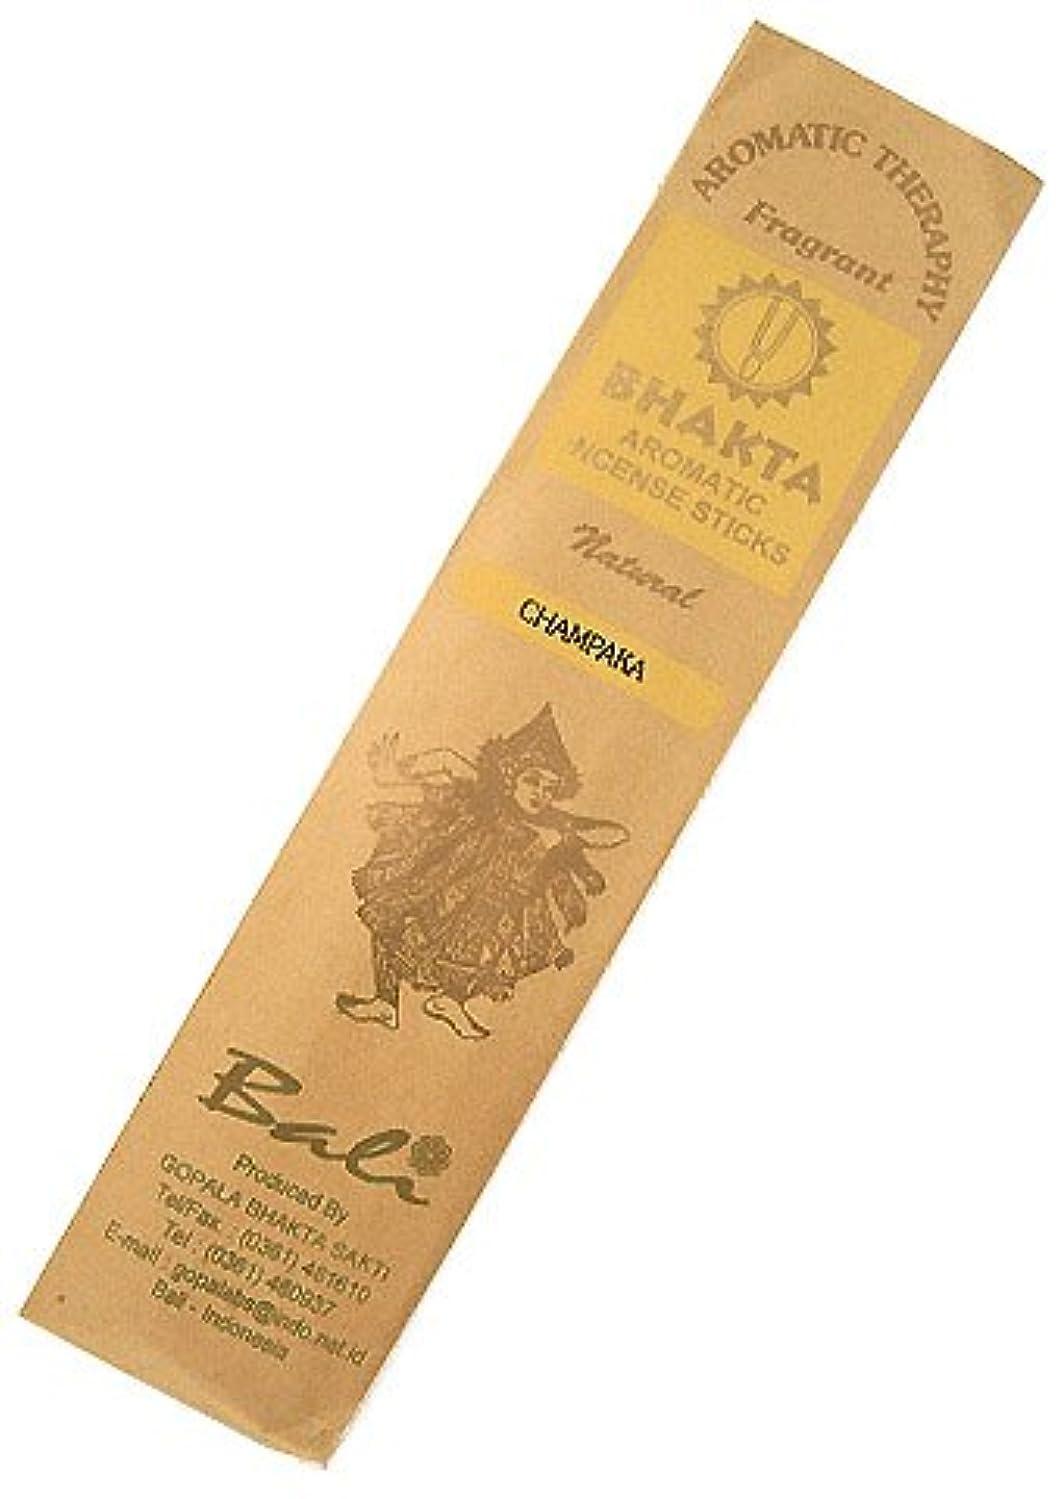 肌寒い思いつくに応じてお香 BHAKTA ナチュラル スティック 香(チャンパカ) 【ロングタイプ インセンス】 インドネシア?バリ島のお香